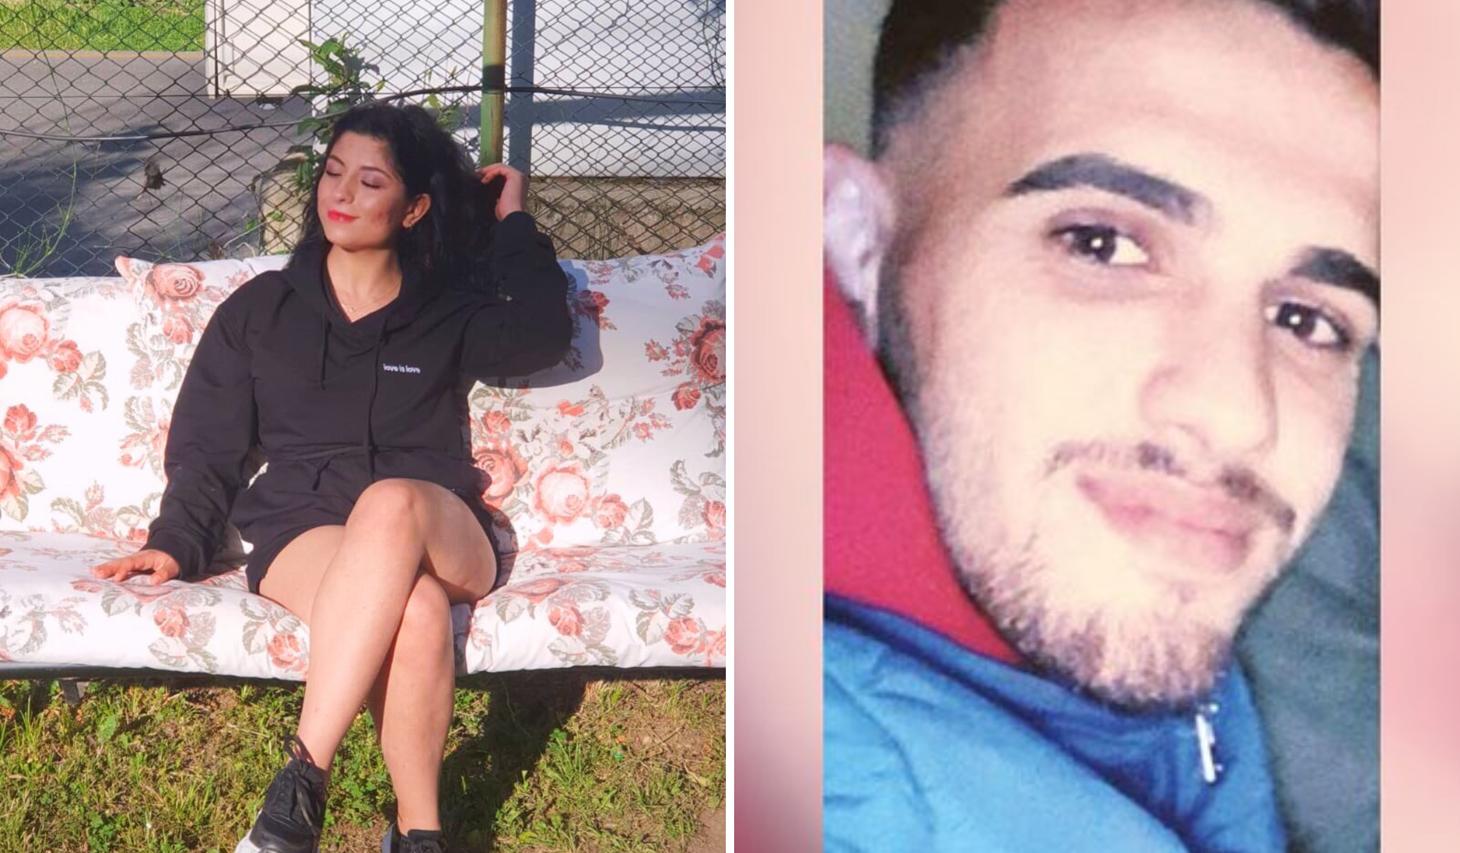 Şort Giydiği İçin Genç Kadını Darp Eden Saldırgan Serbest Kaldı